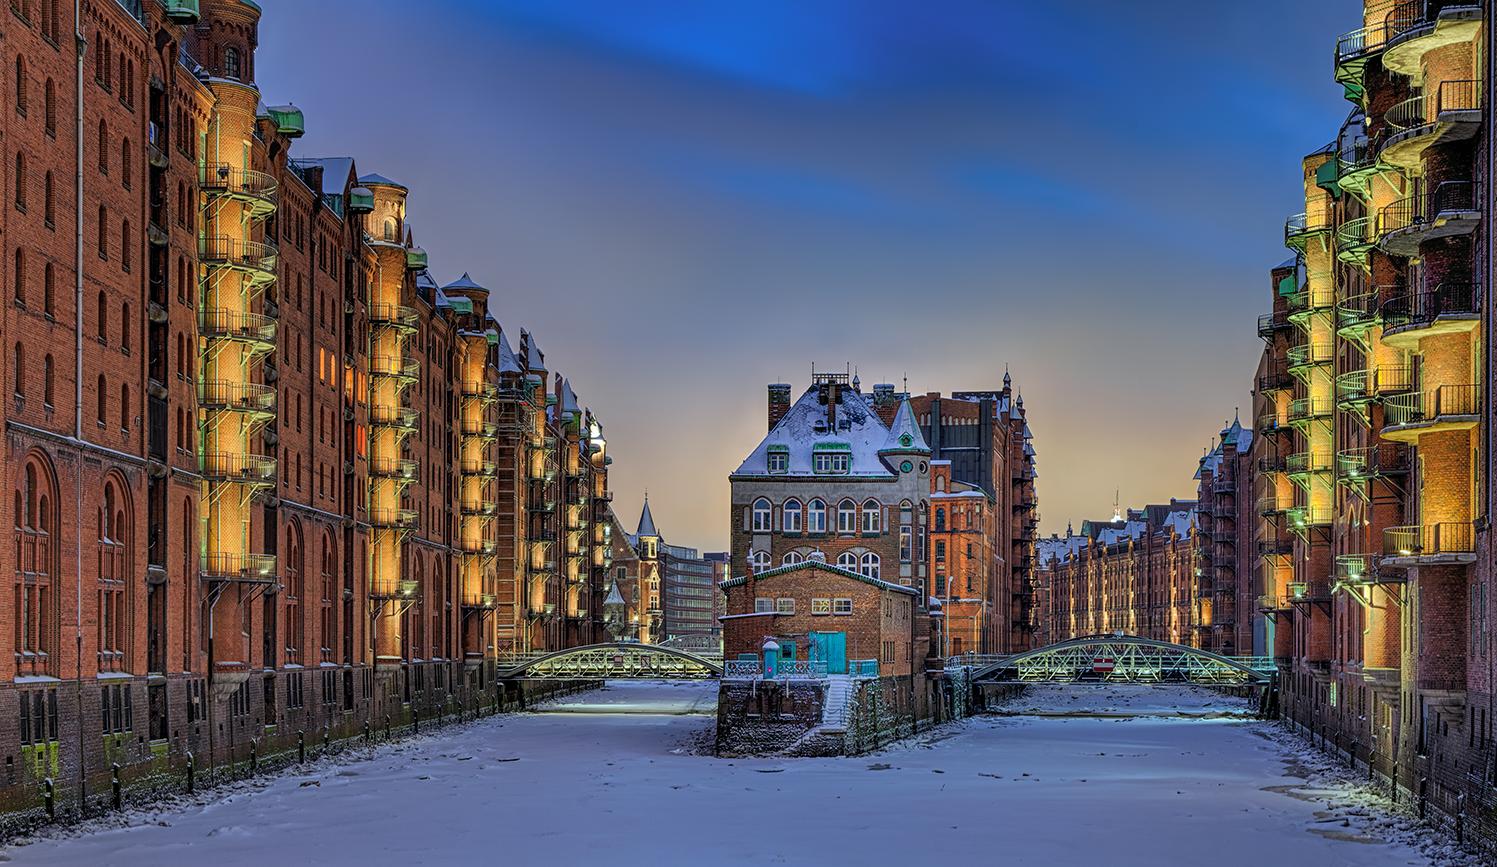 9487d 9491d speicherstadt hamburg winter schnee nacht panorama foto bild architektur winter. Black Bedroom Furniture Sets. Home Design Ideas